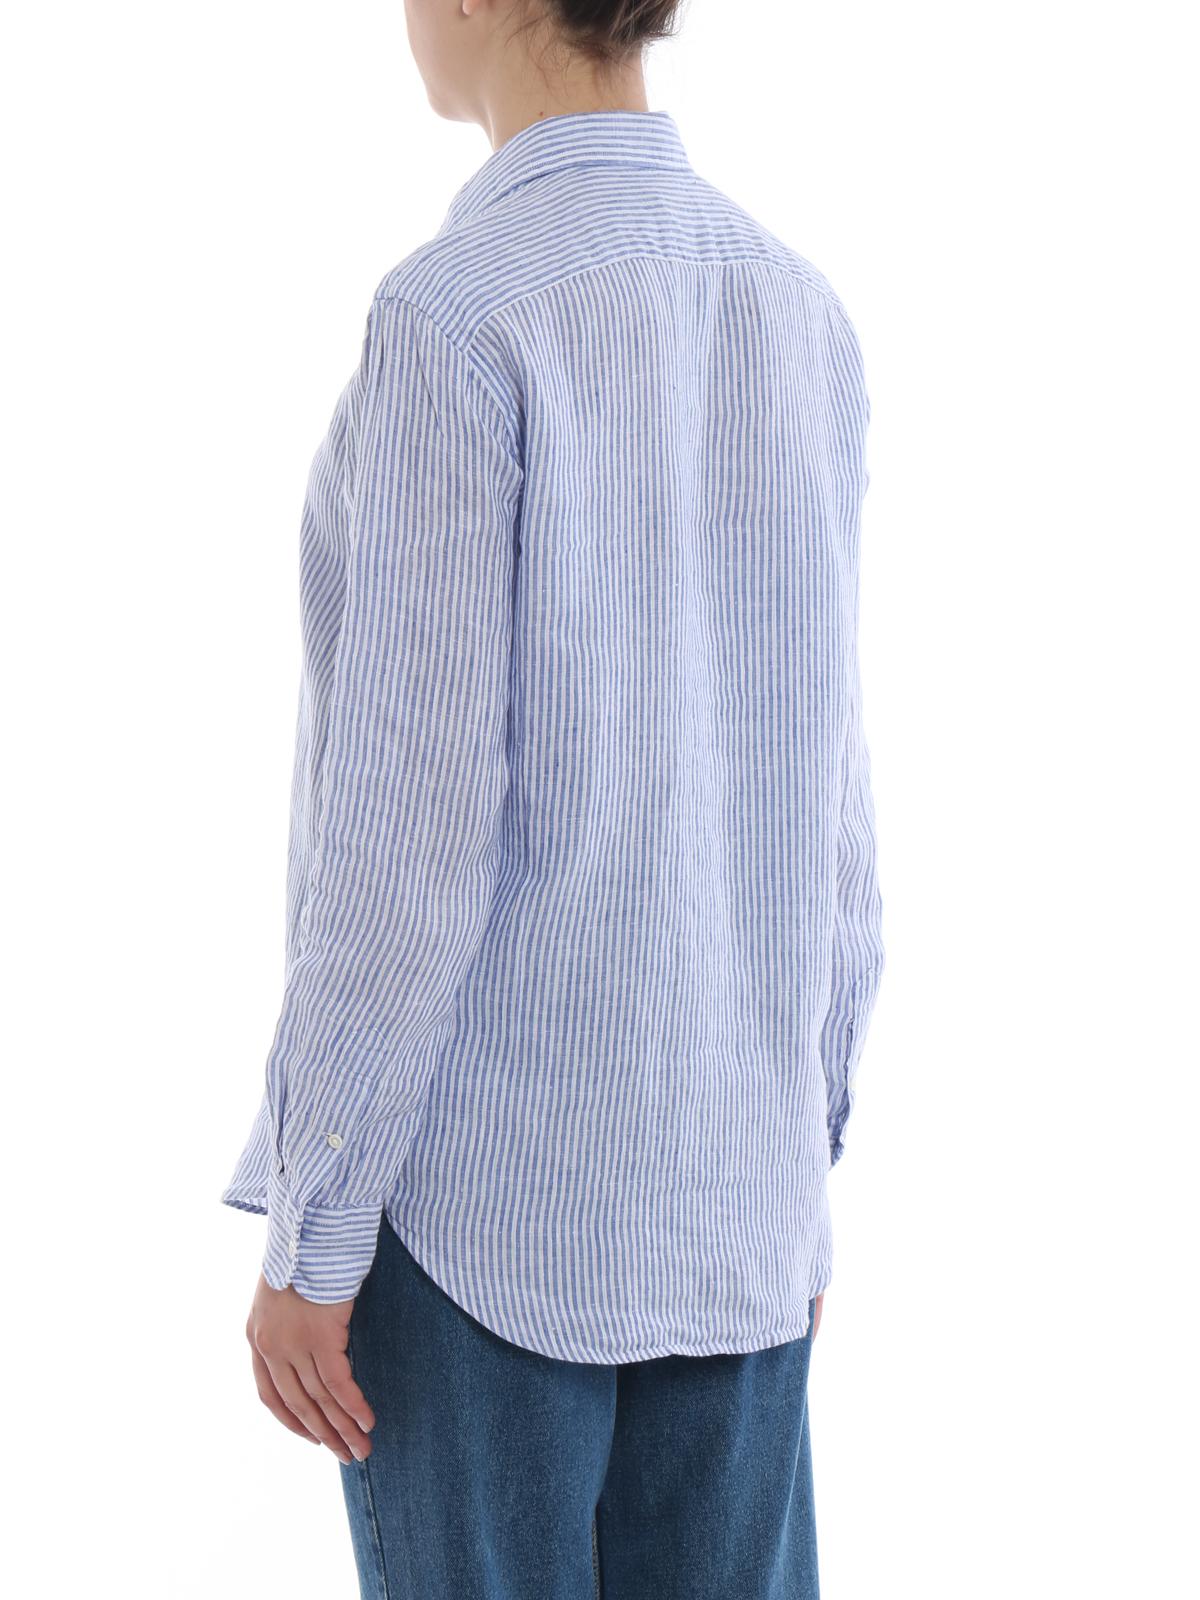 Polo Fit Linen Ralph Shirts Shirt Relaxed Striped Lauren kuOPXiZ